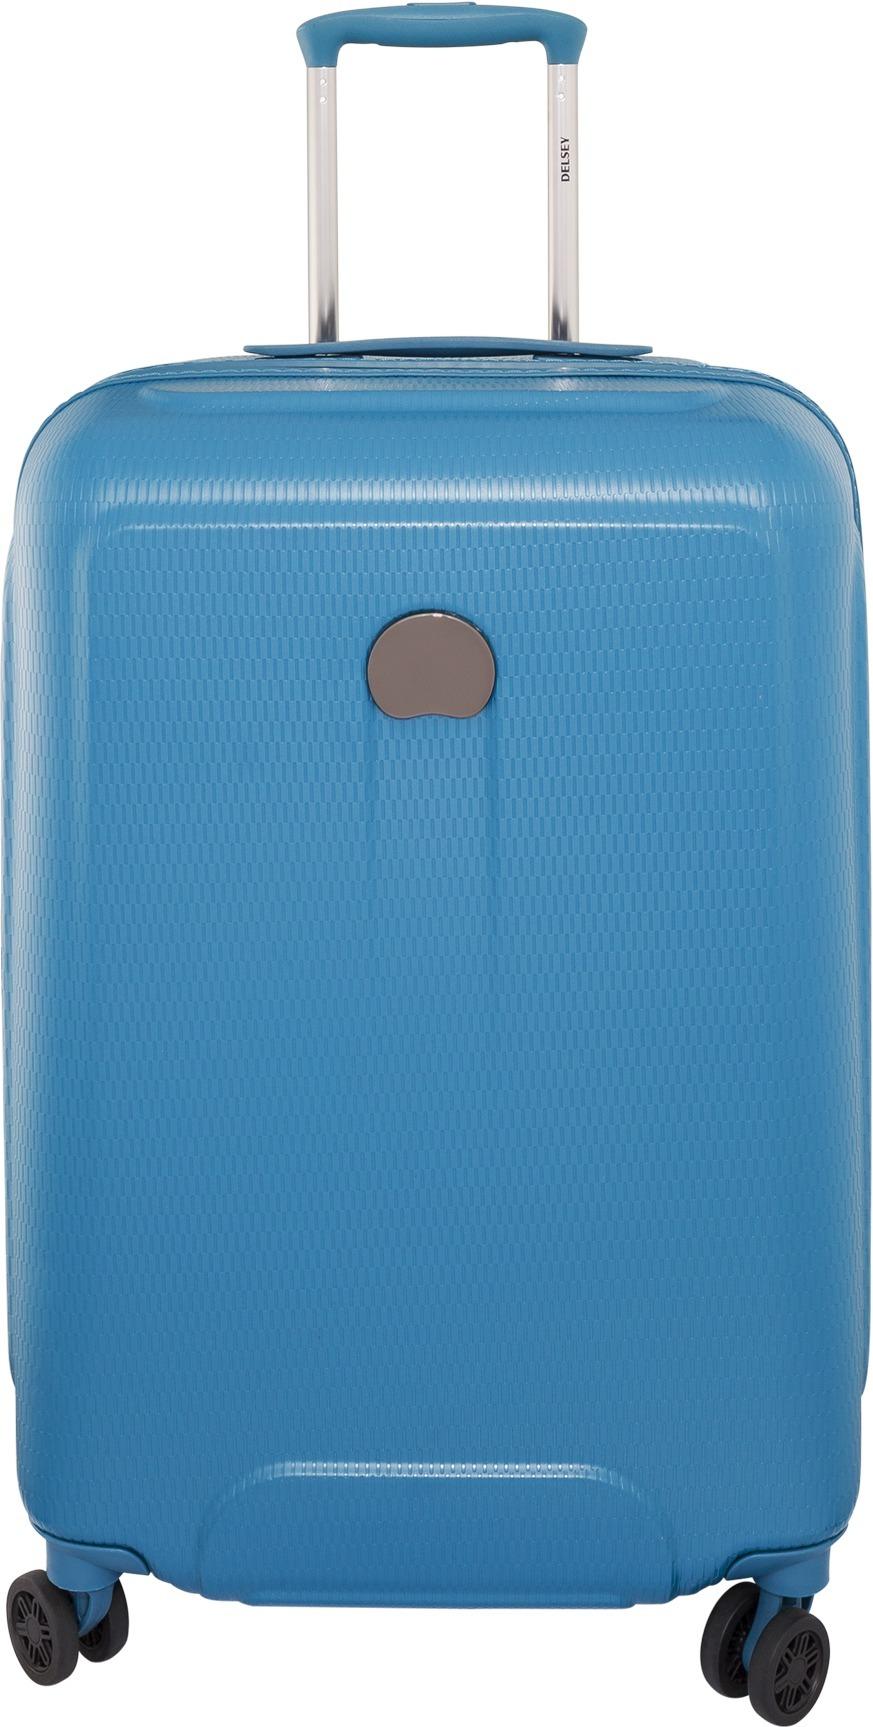 Чемодан Delsey Helium Air 2 Trolley Case 64 см синий